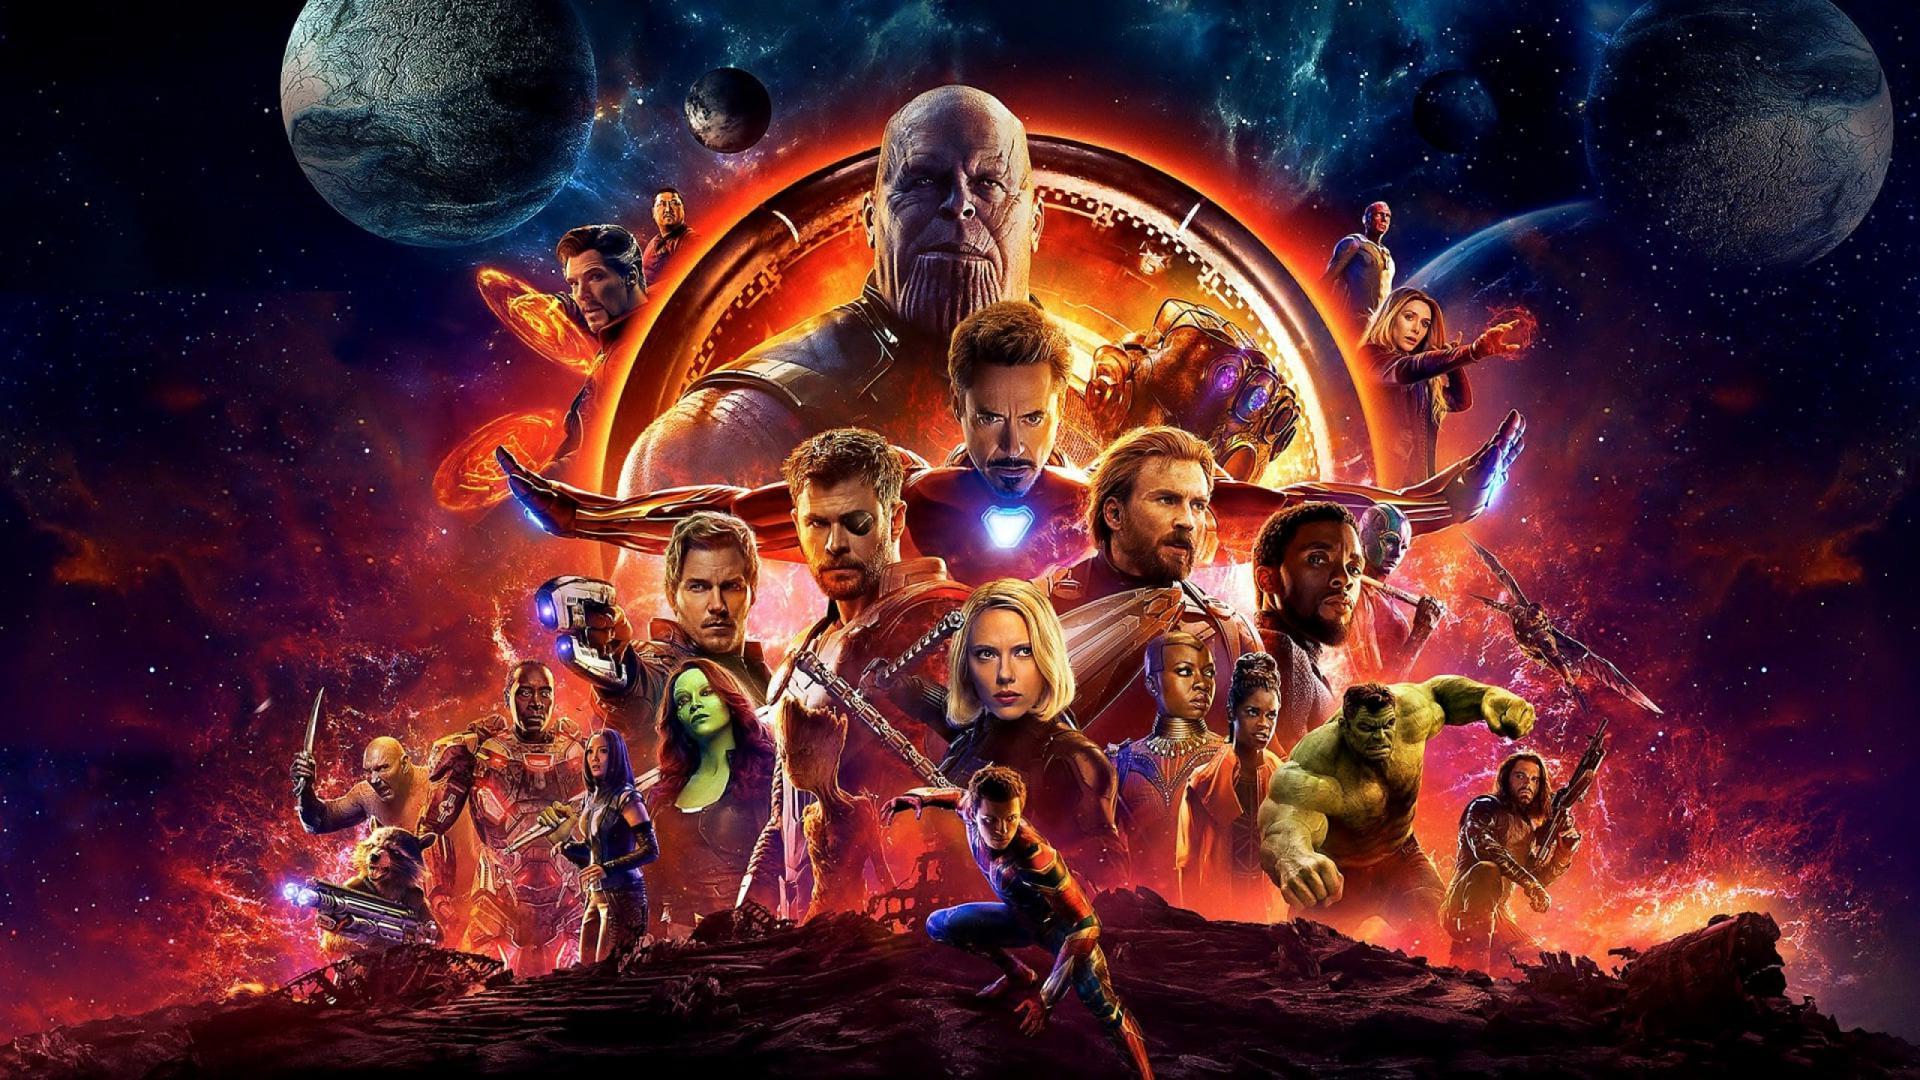 Война Бесконечности Мстители, обои картинки фильмов, 2560 на 1440 пикселей